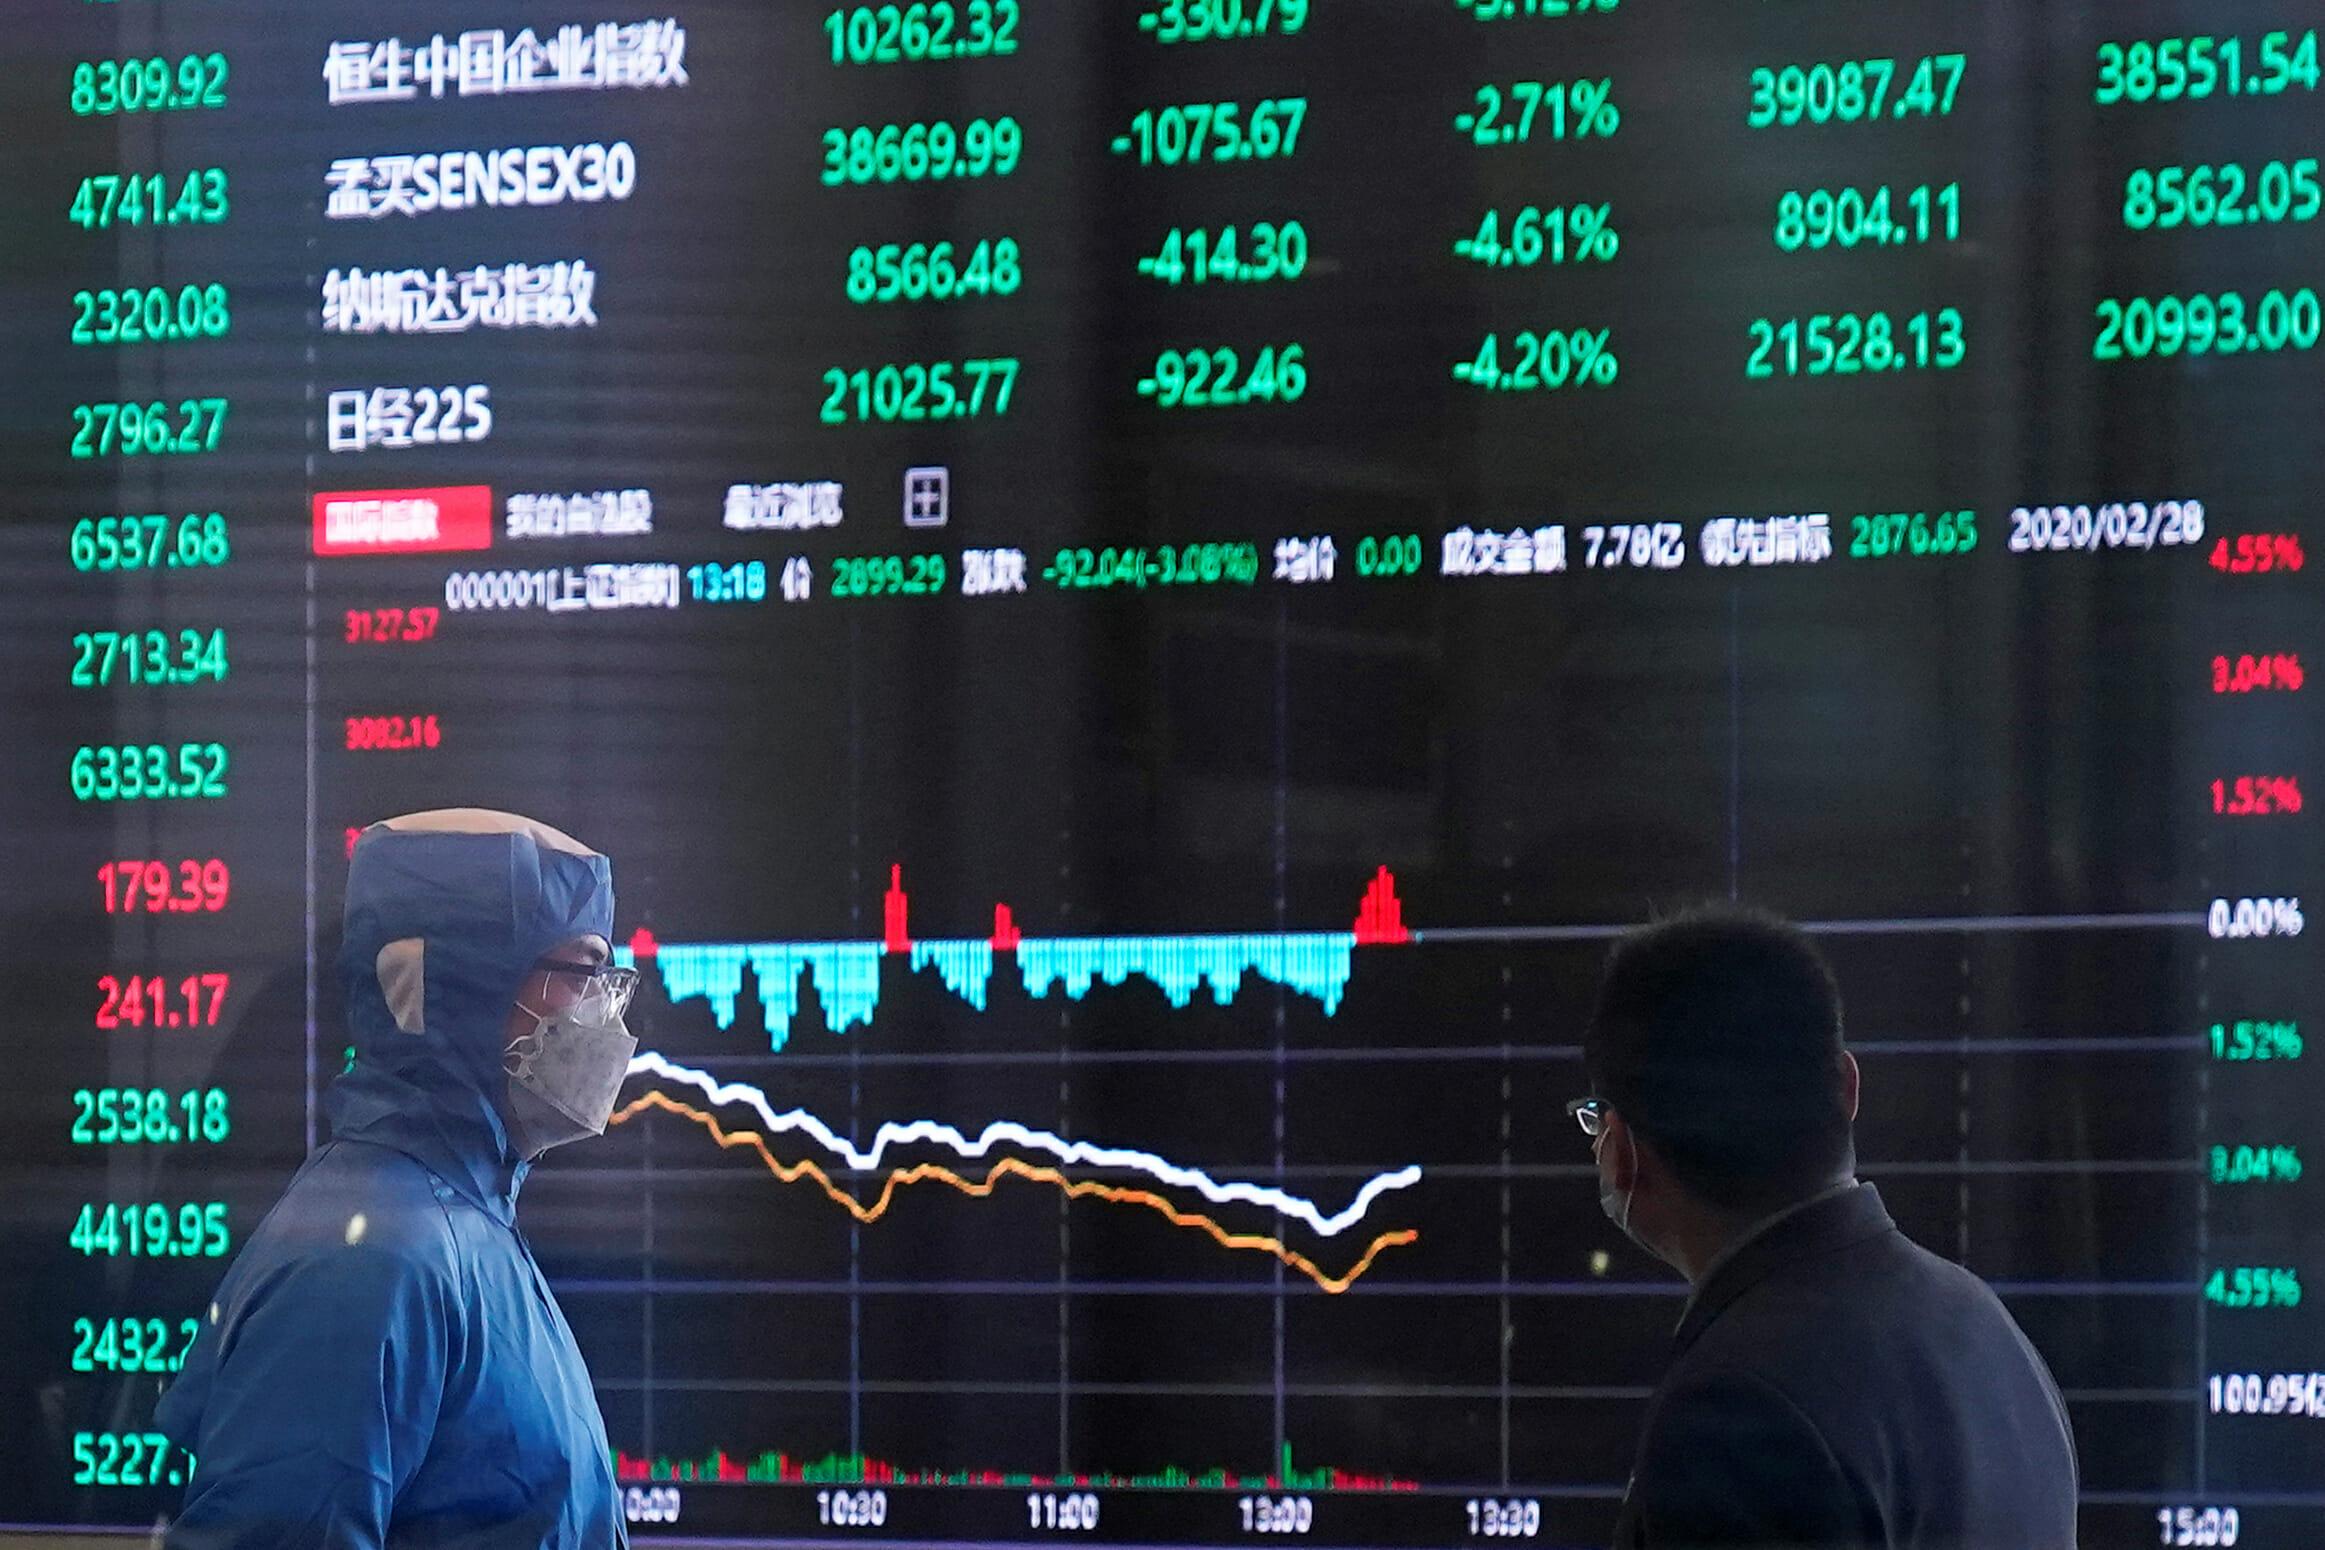 Σεισμό στην παγκόσμια οικονομία προκαλεί ο κορονοϊός!  Αντιμέτωπος με νέα ύφεση ο πλανήτης